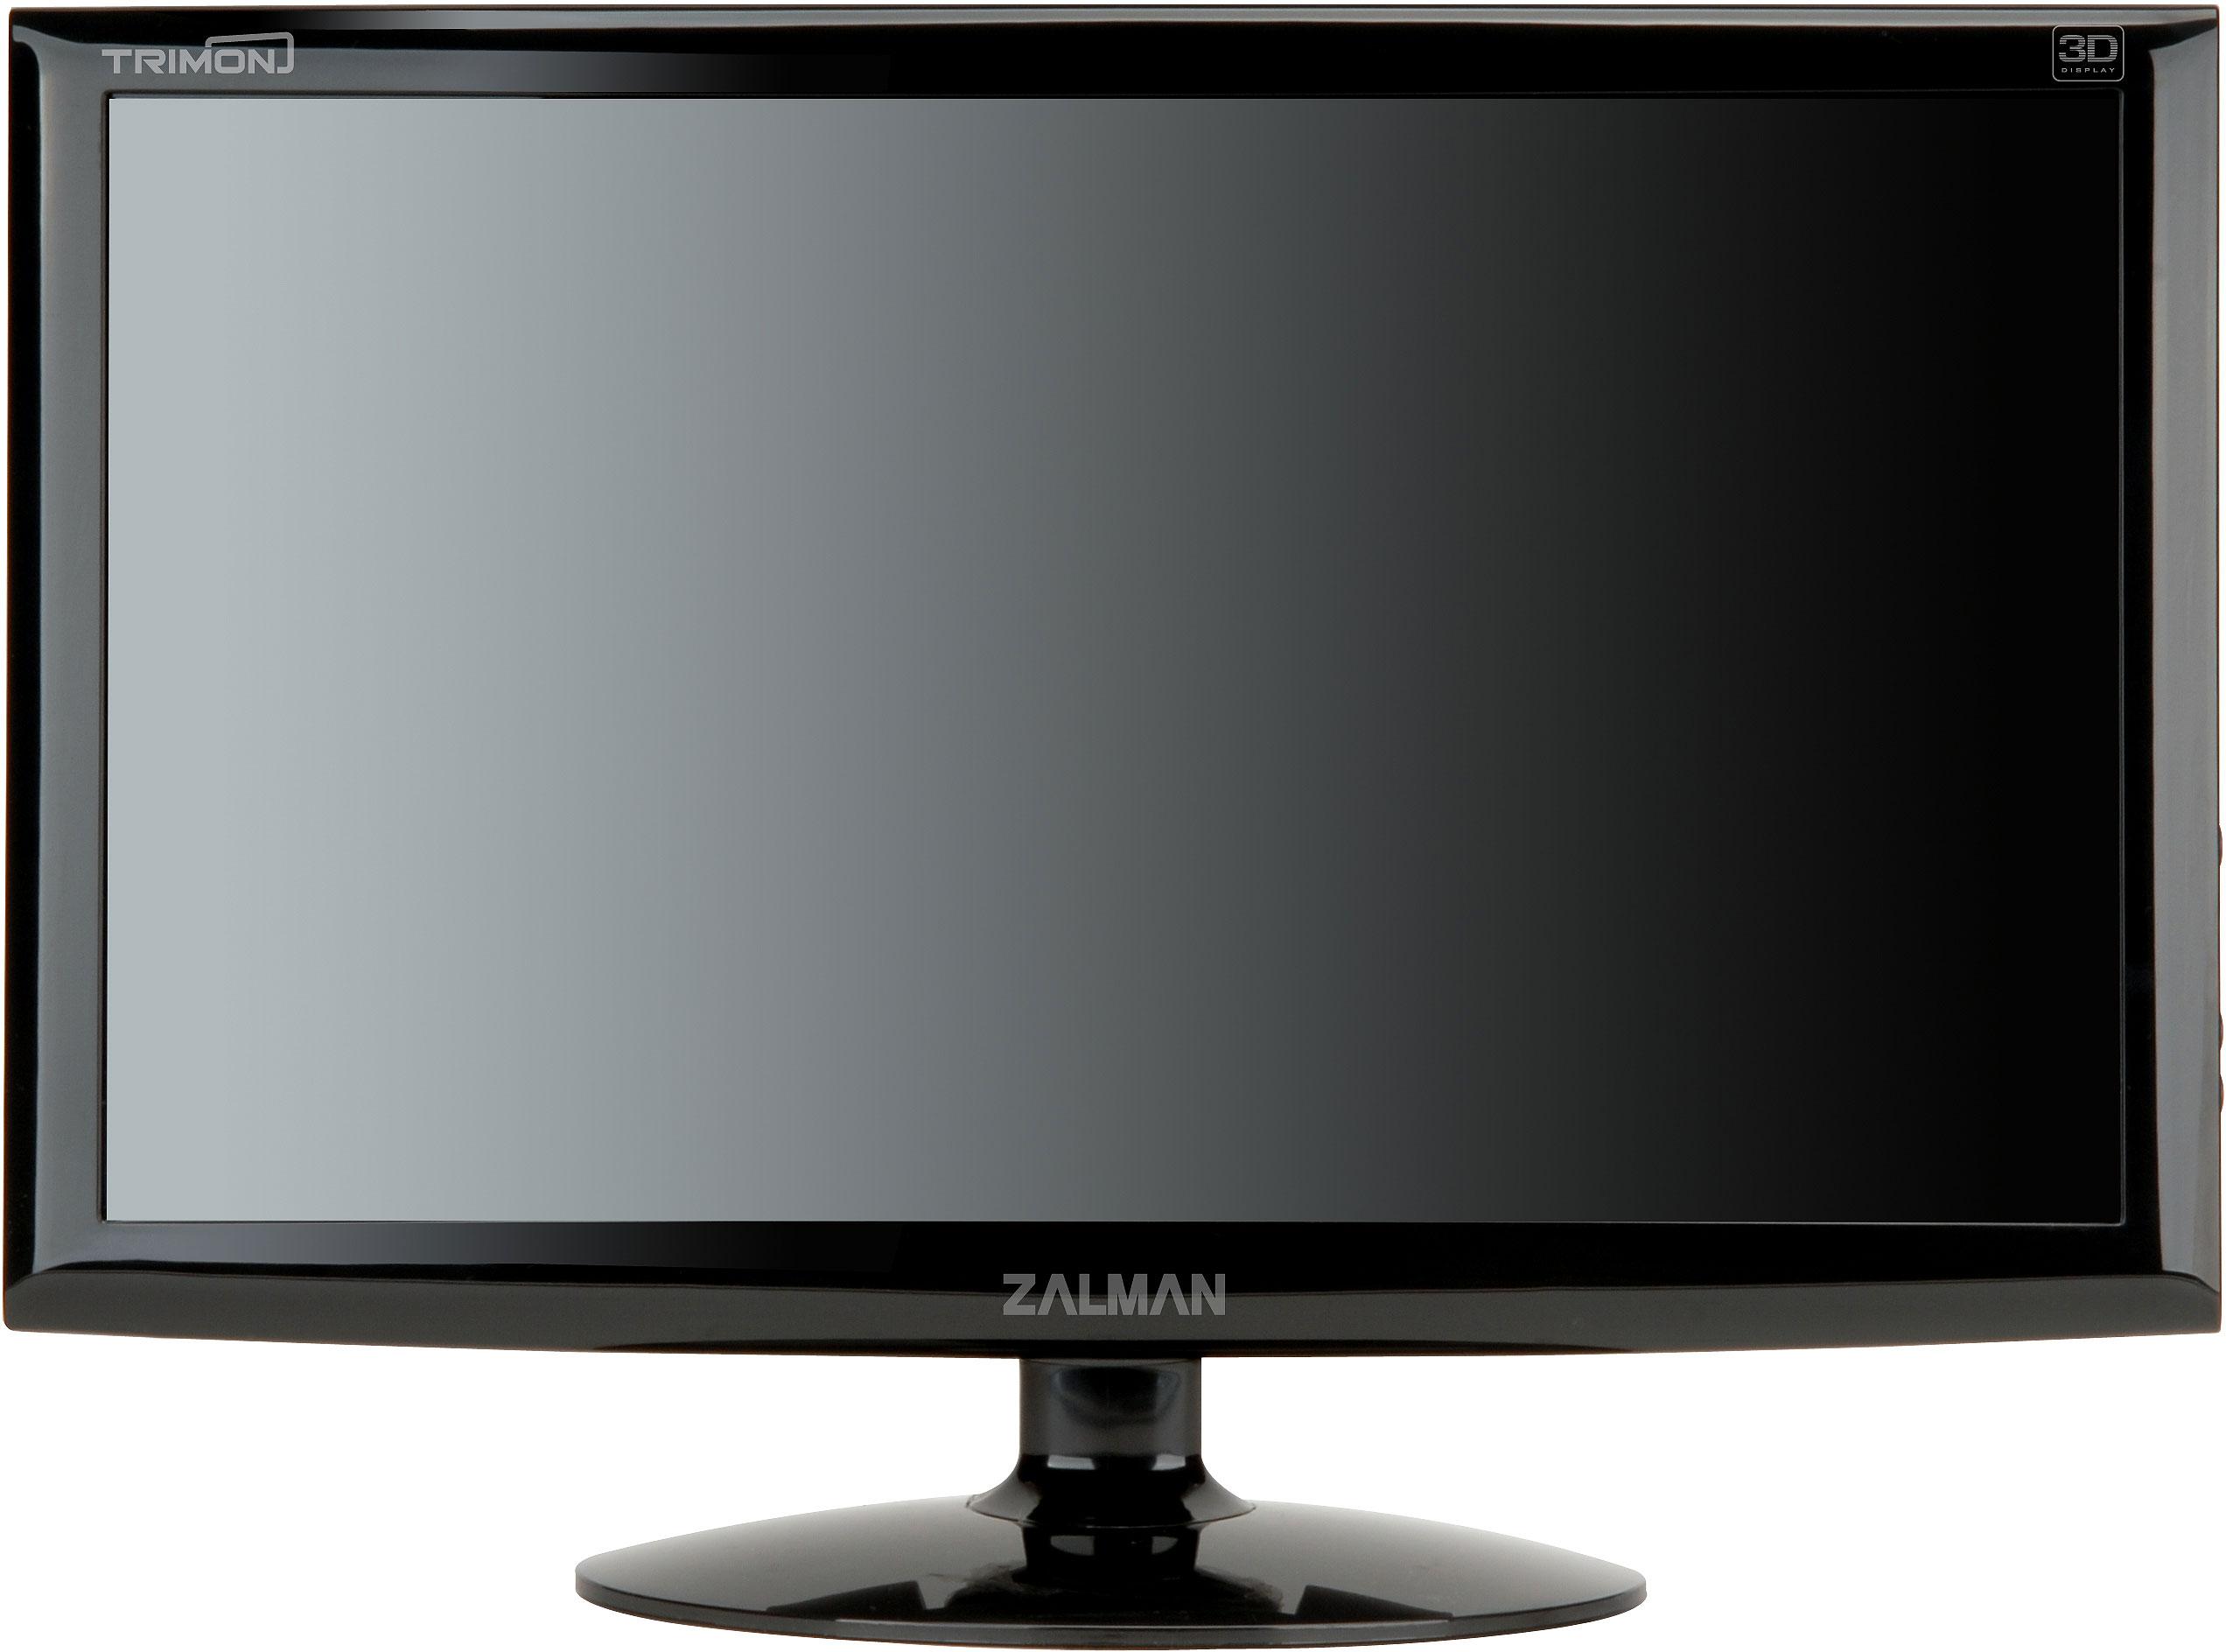 Zalman 2D 3D Convertib...